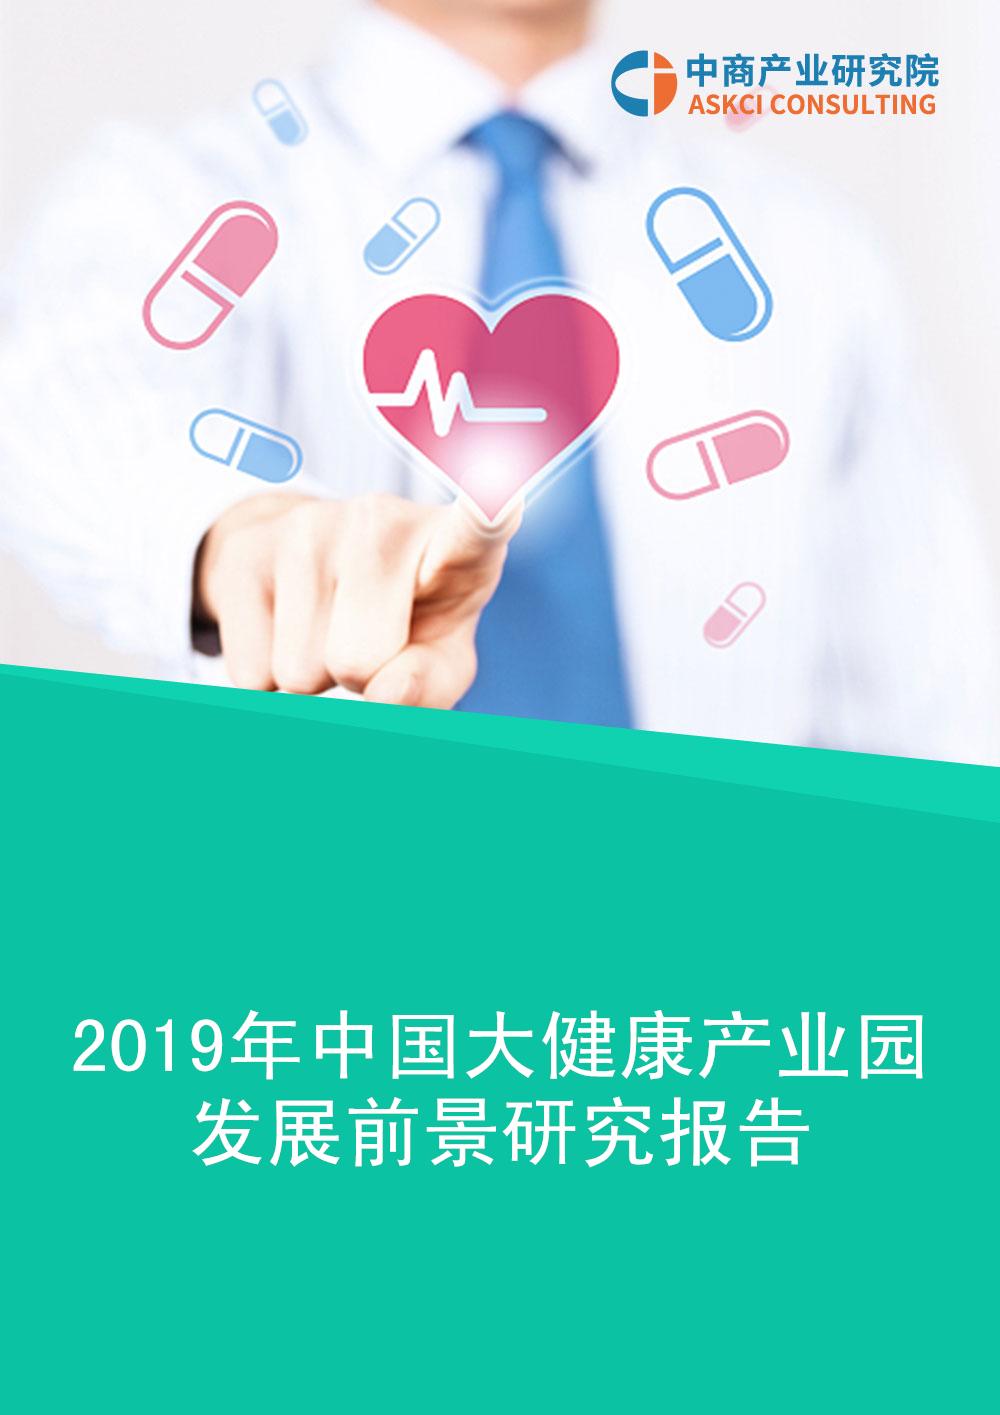 2019年中国大健康产业园发展前景及投资研究报告